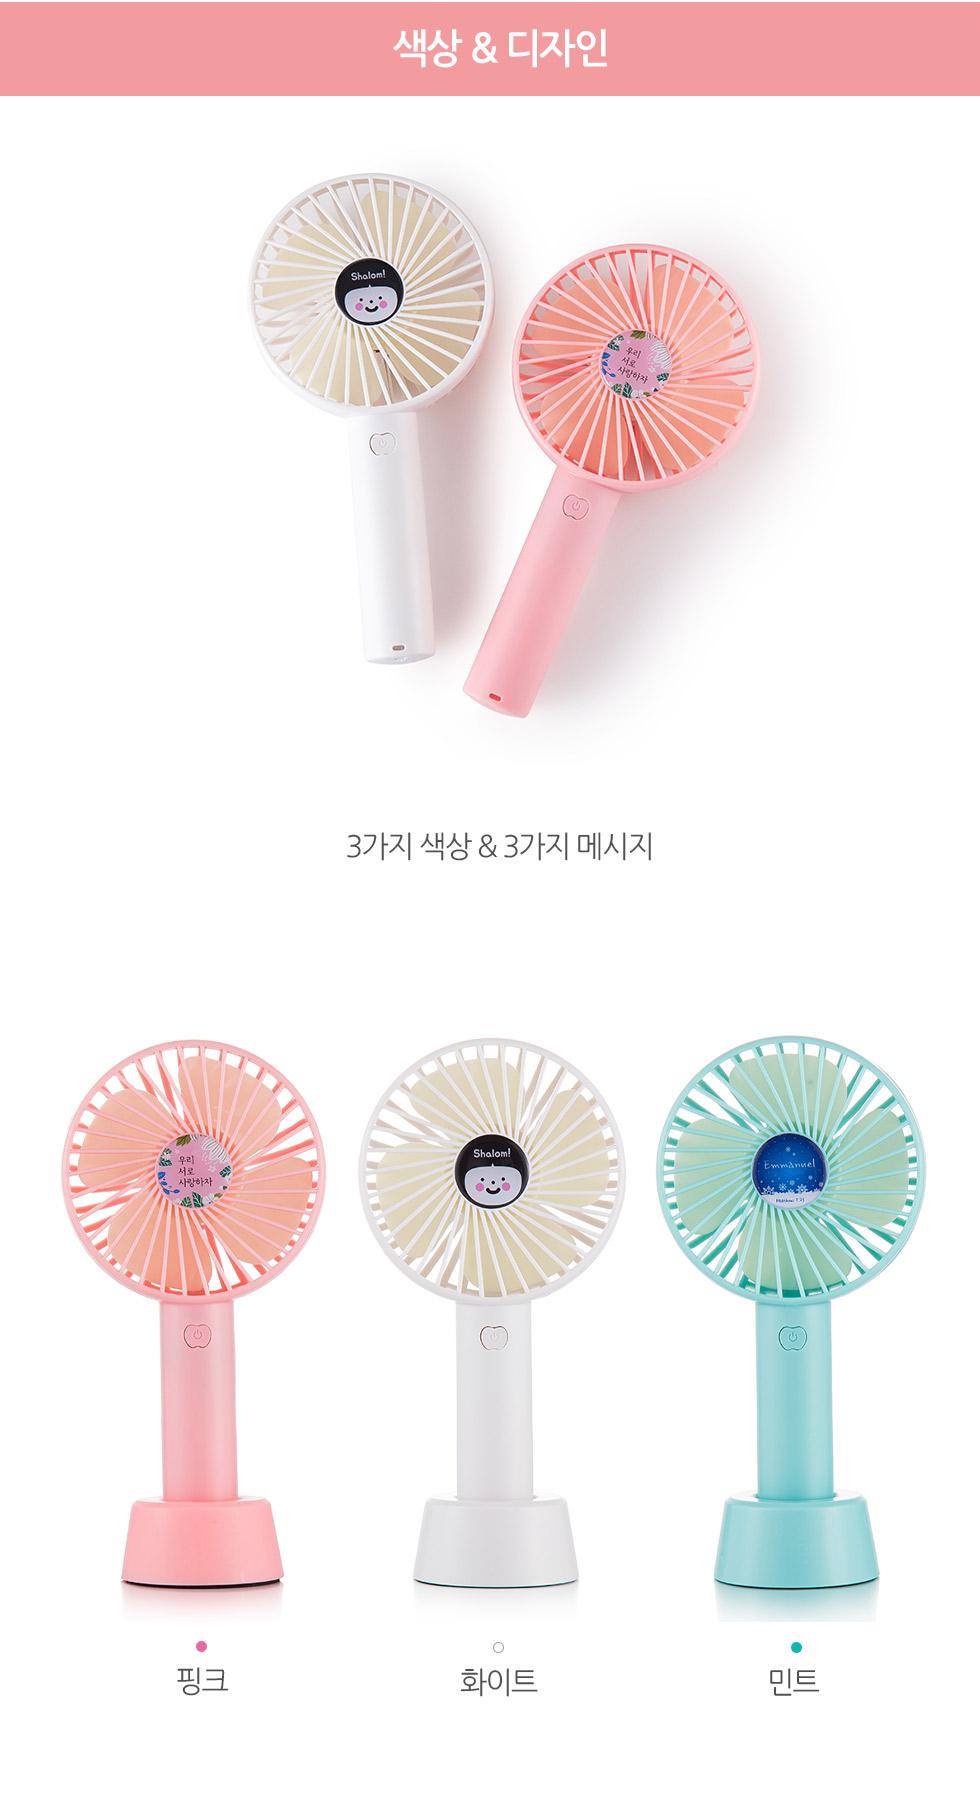 휴대용선풍기 '샬롬' 3종 세 가지 색상과 디자인